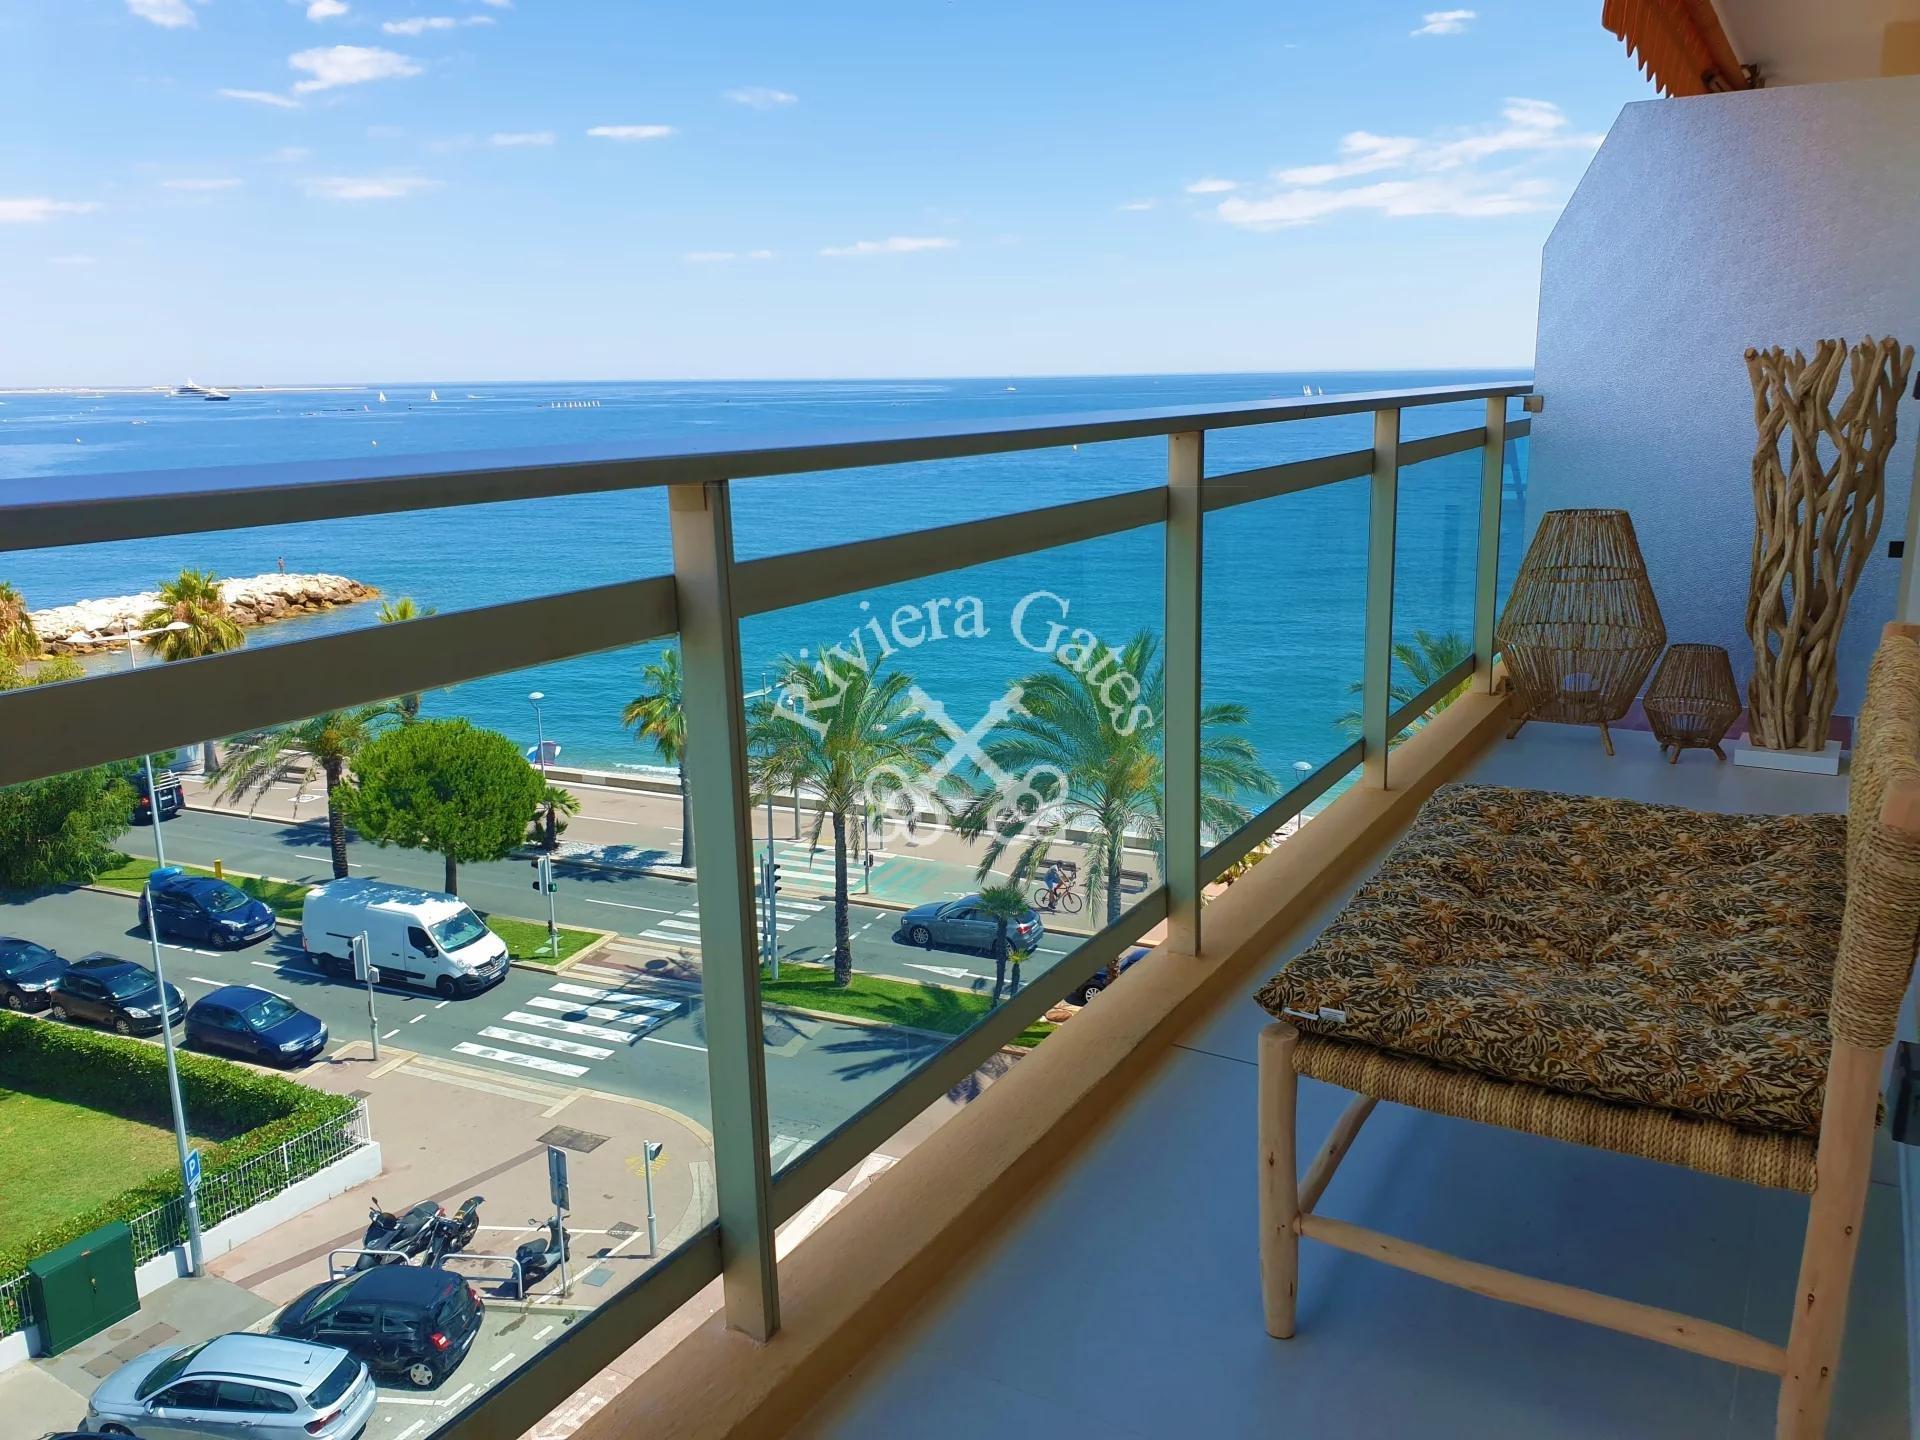 A louer - Magnifique appartement 2 pièces d'une superficie de 50 m², vue mer panoramique + parking sous-sol.